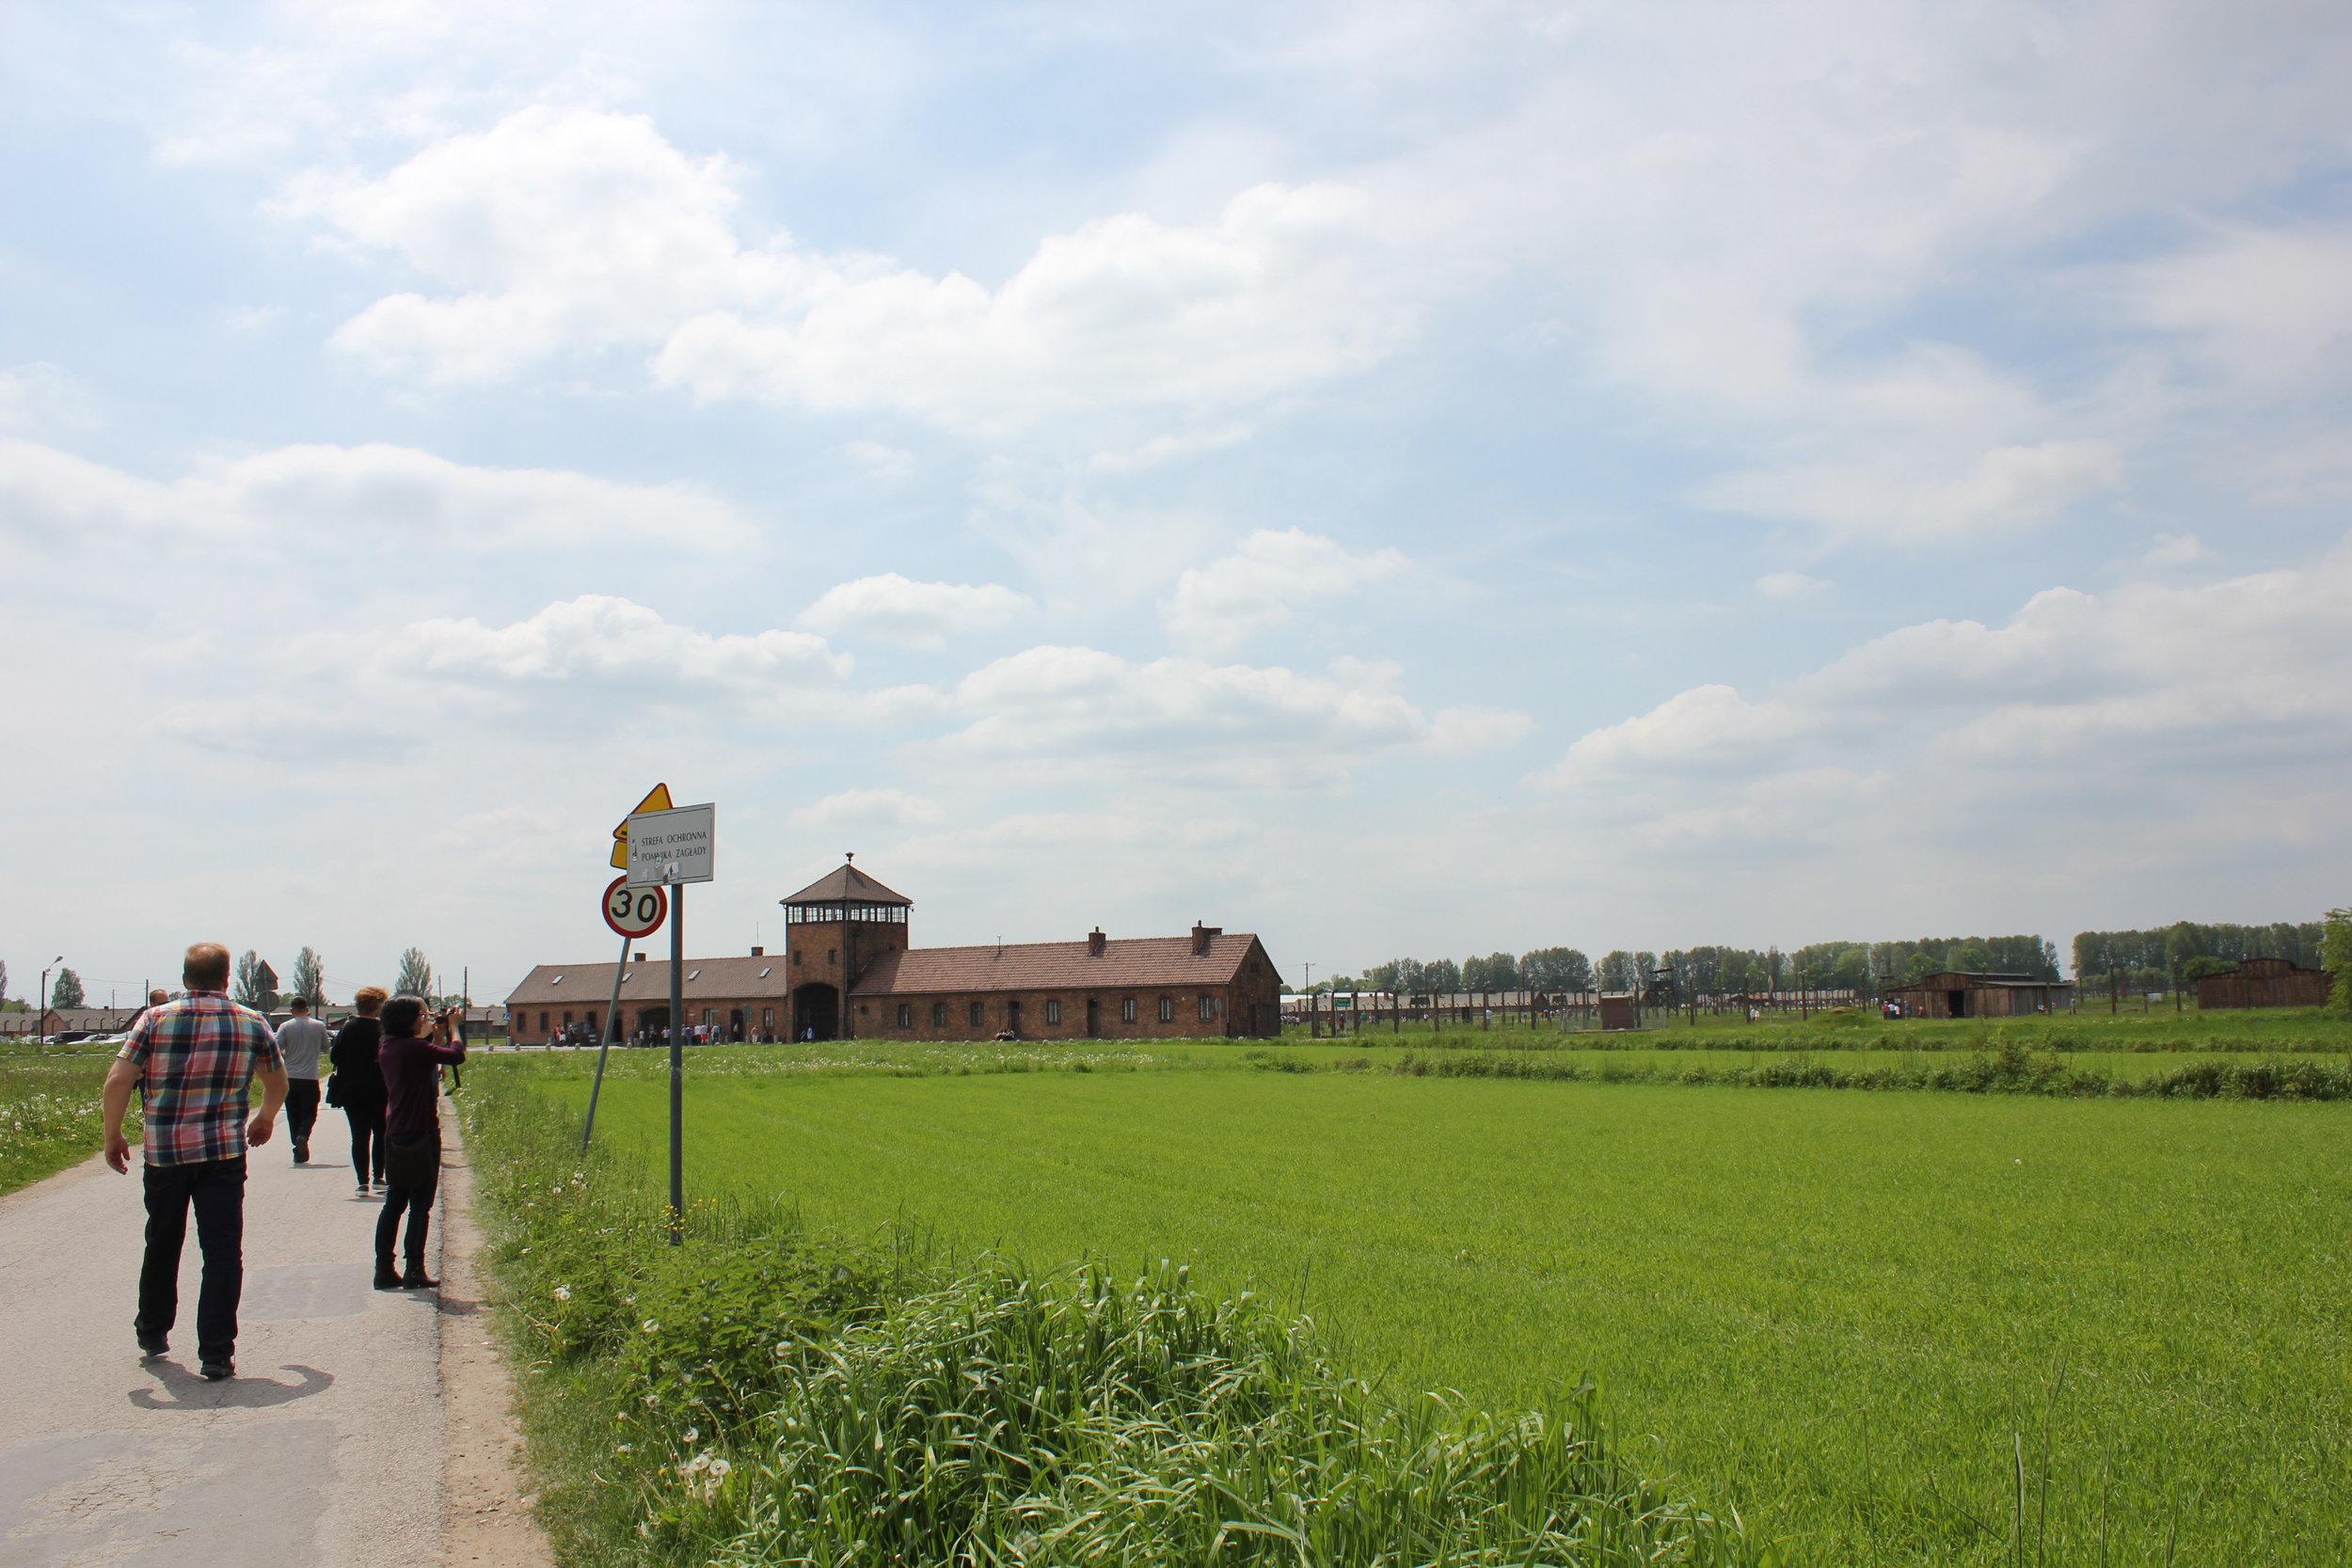 The walk to Auschwitz II–Birkenau